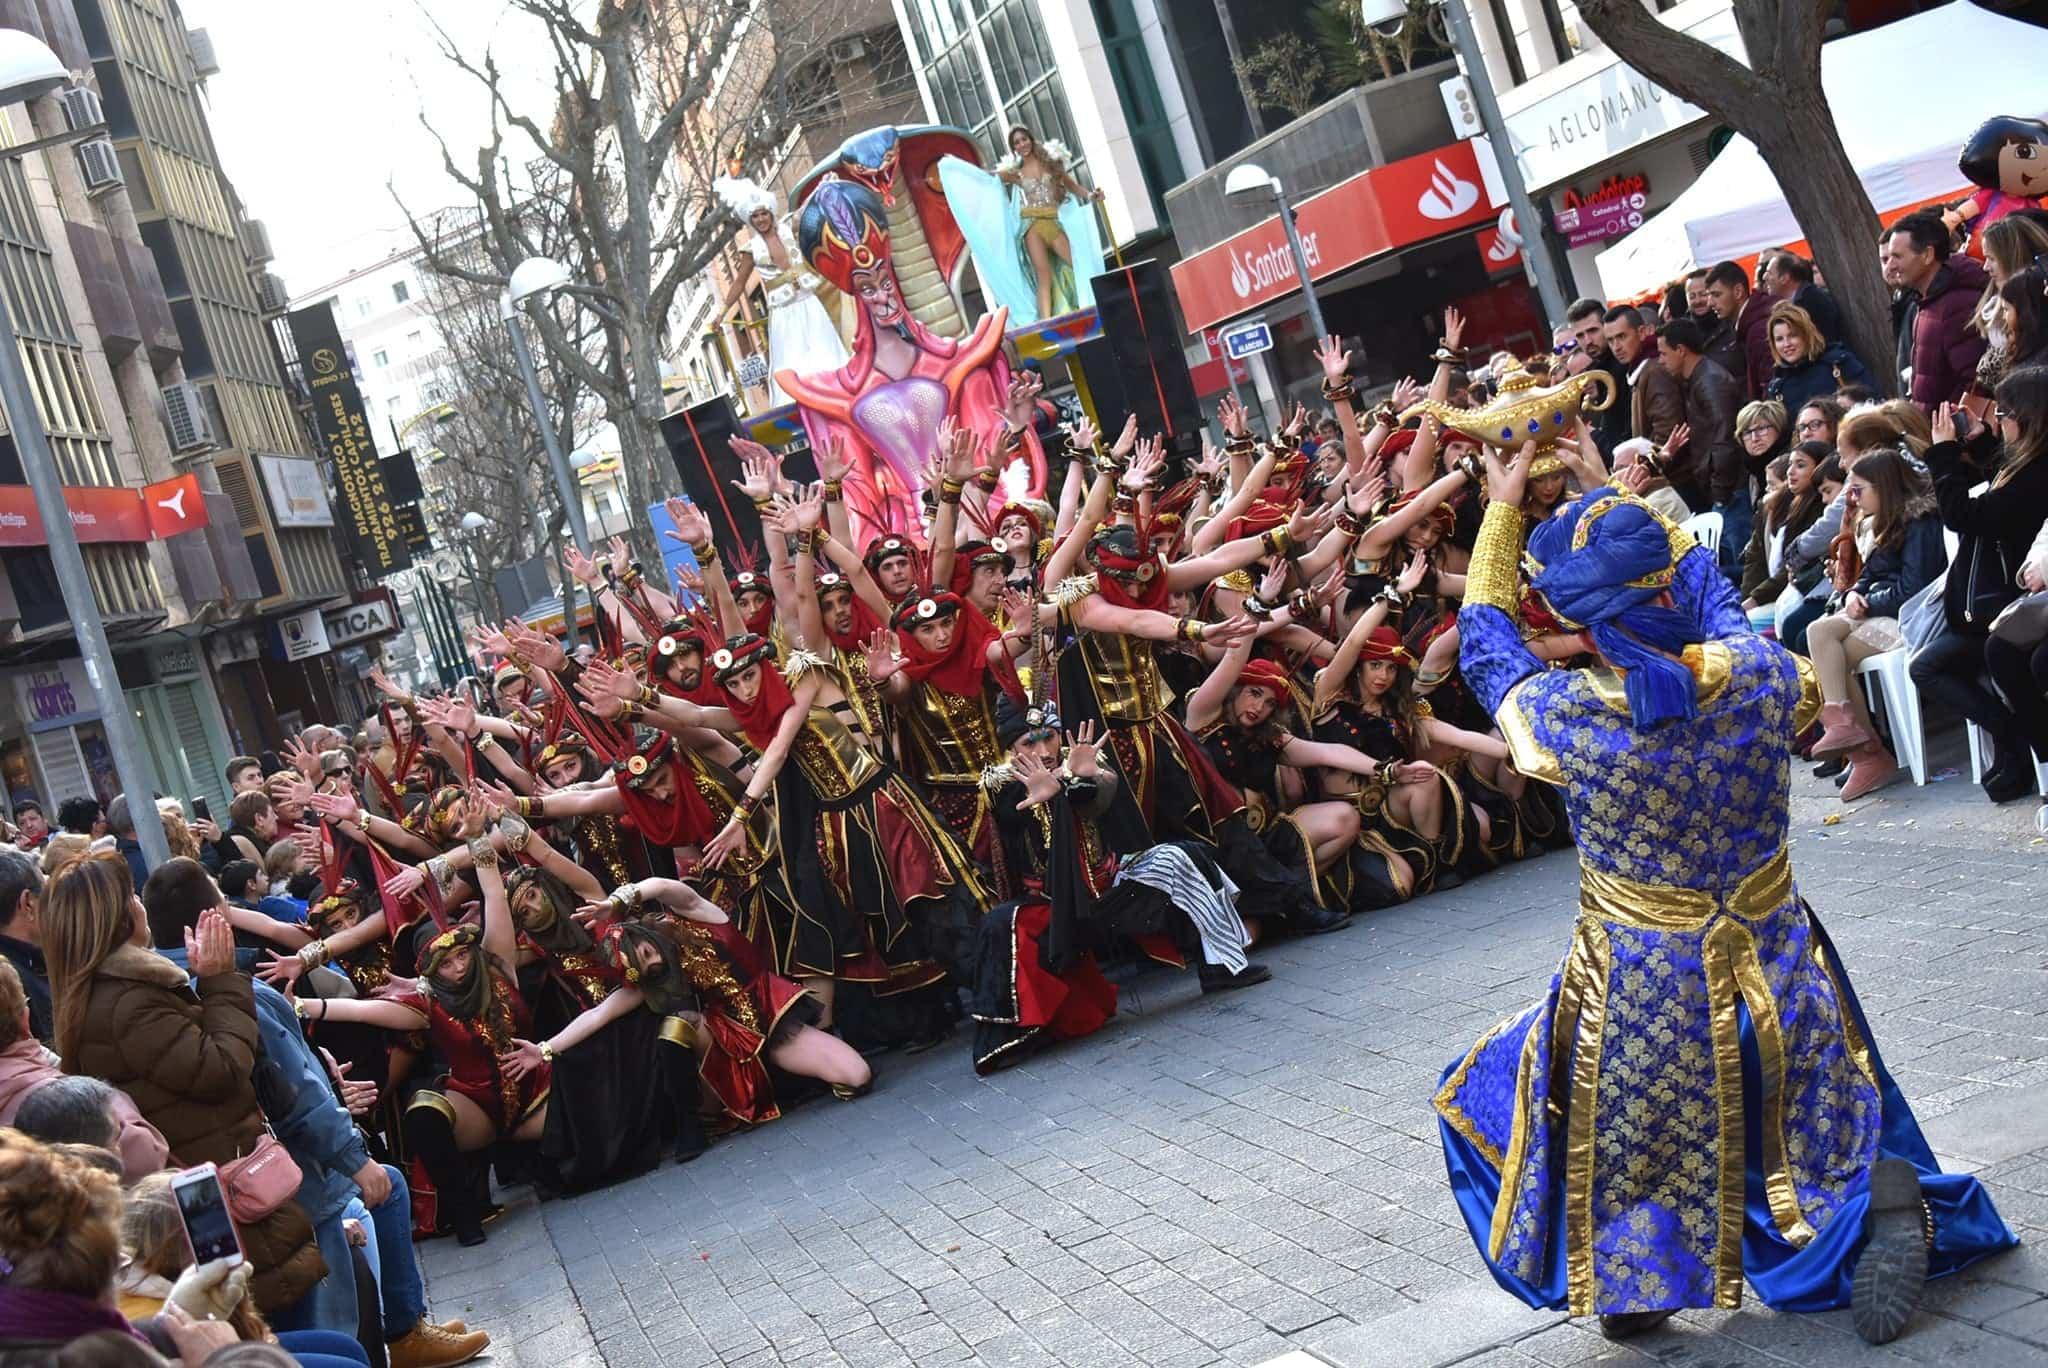 Carnaval de ciudad real 2020 axonsou arlequin oro herencia 16 - Axonsou se lleva el Arlequín de Oro en Ciudad Real